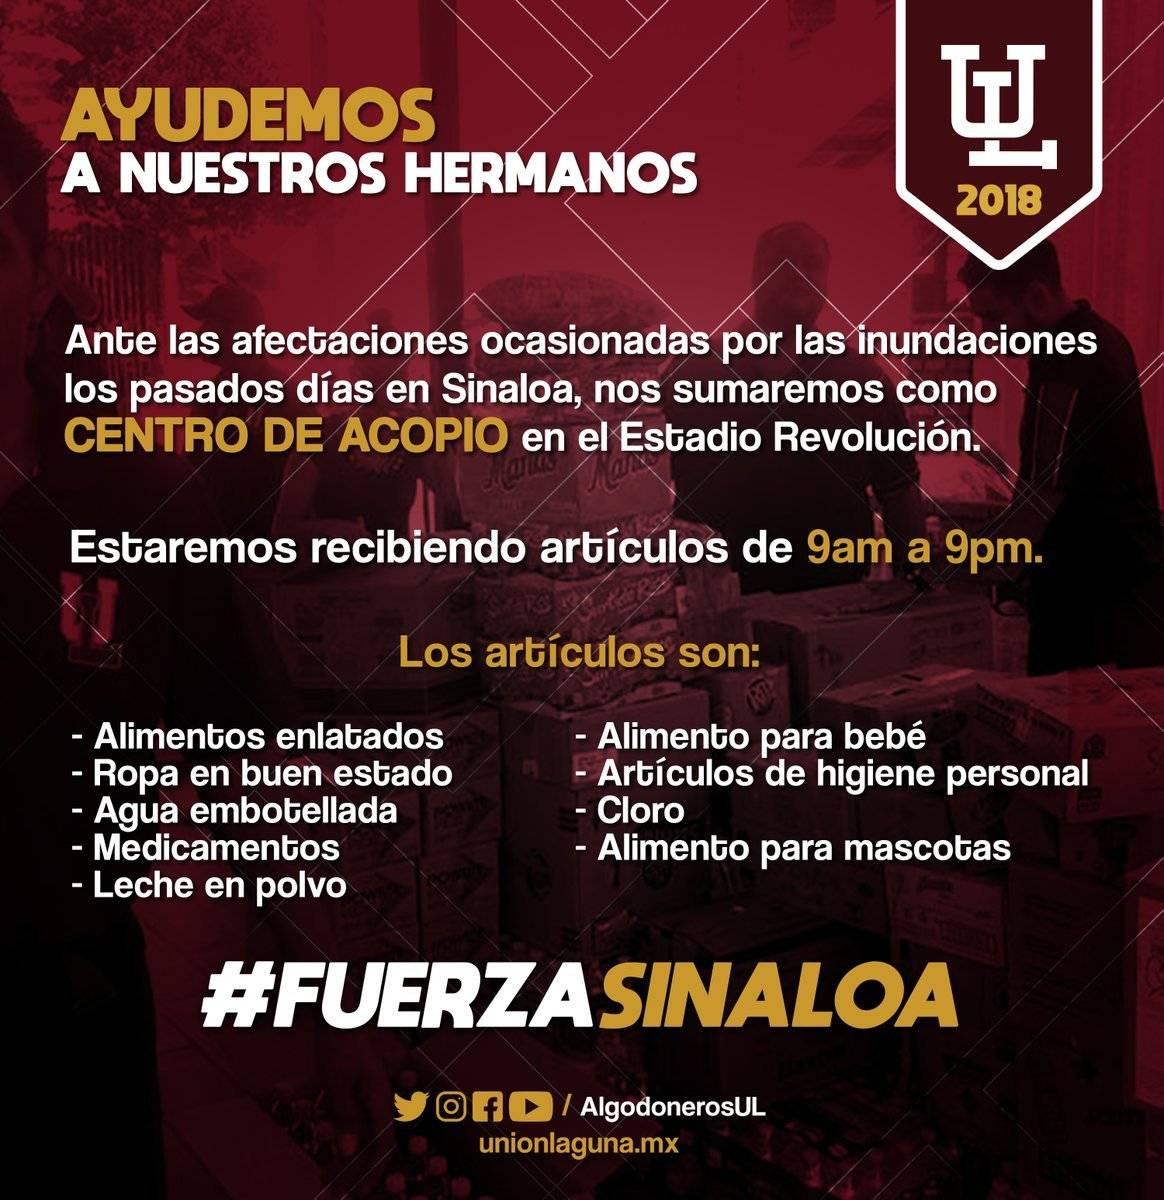 El Estadio de la Revolución de los Algodoneros, de la Unión Laguna, en Torreón, Coahuila Foto: Twitter